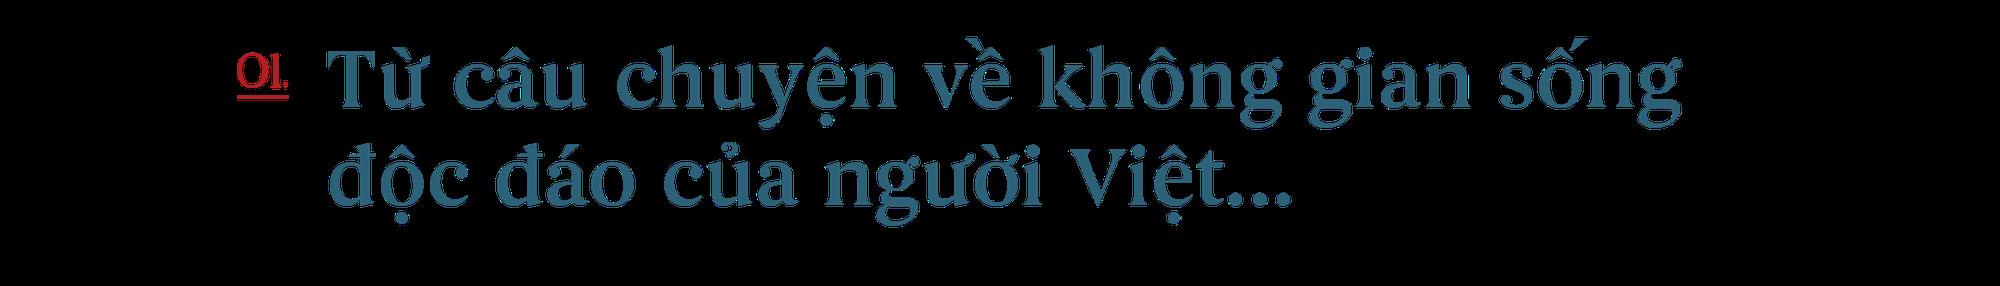 Eurotile: Khi cái tôi khác biệt hiện hữu trong không gian sống của người Việt - Ảnh 1.